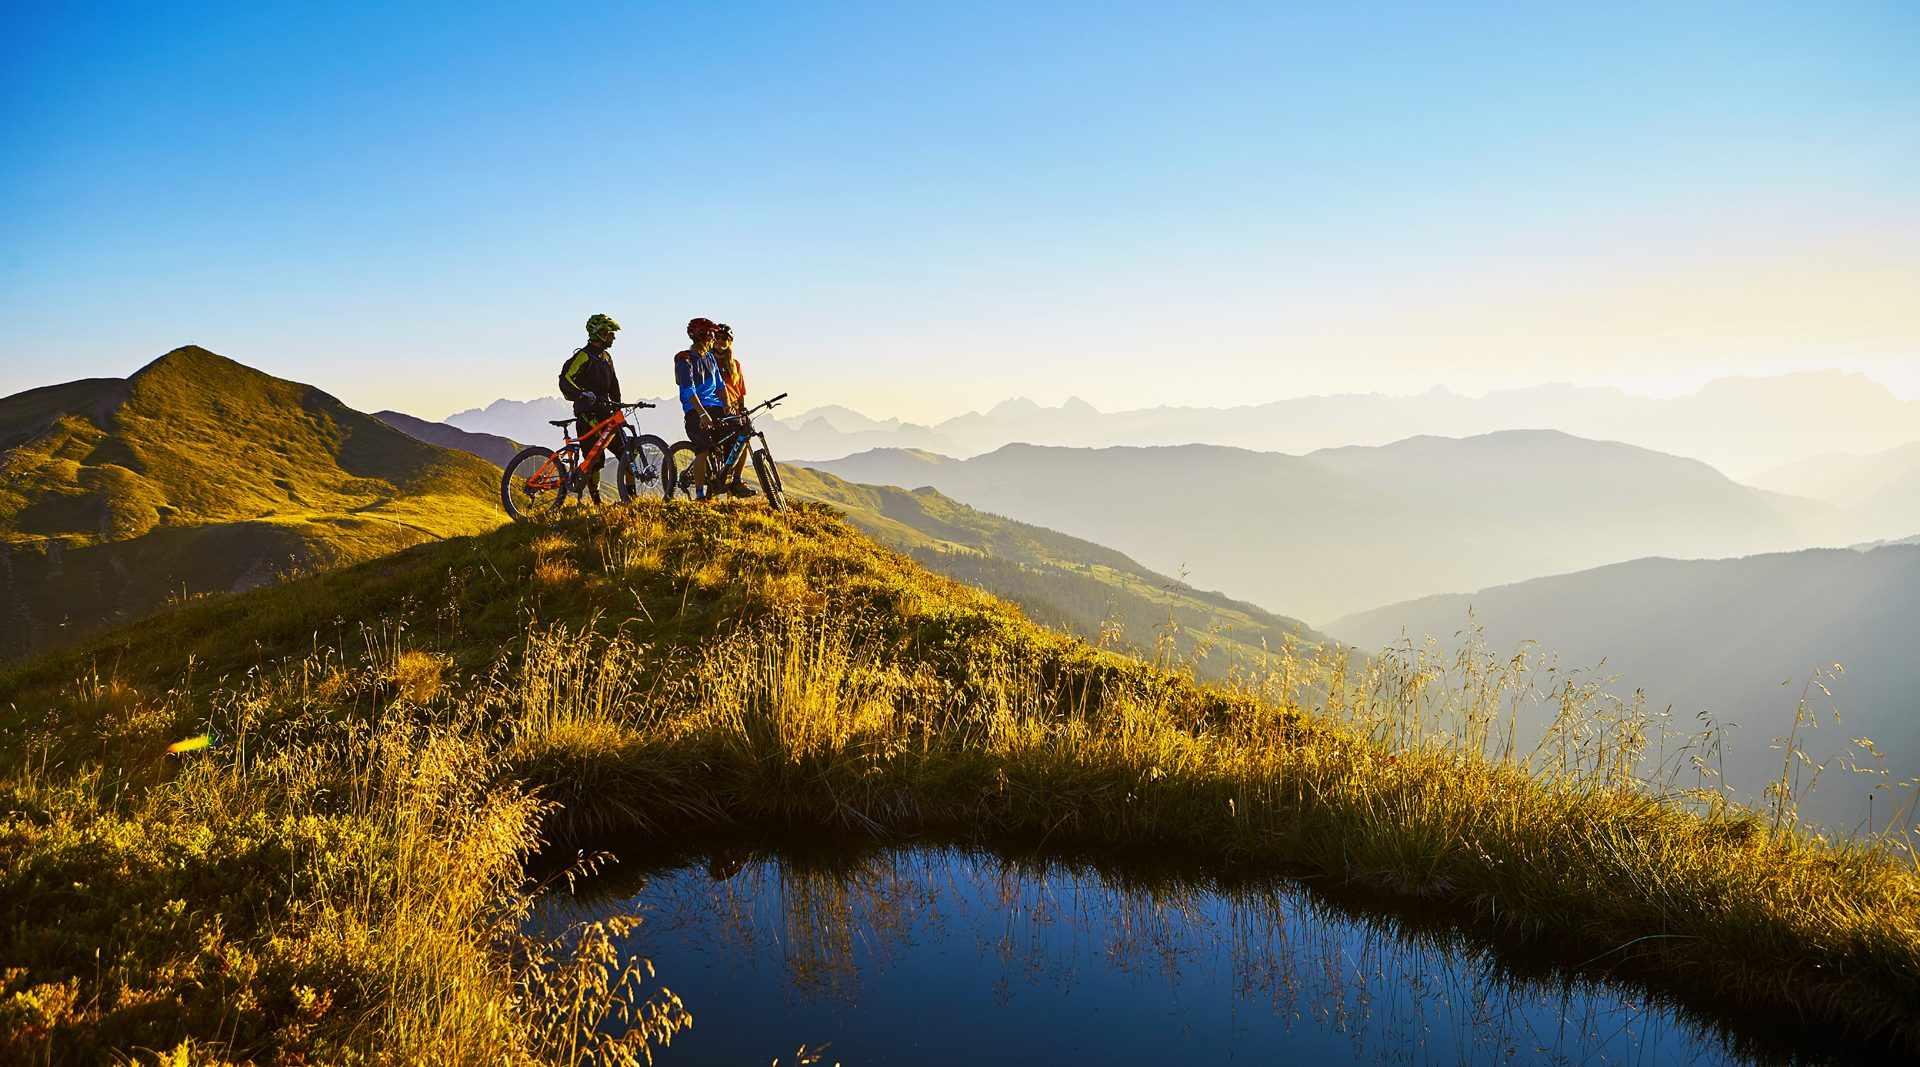 Saalbach Hinterglemm Mountain biking